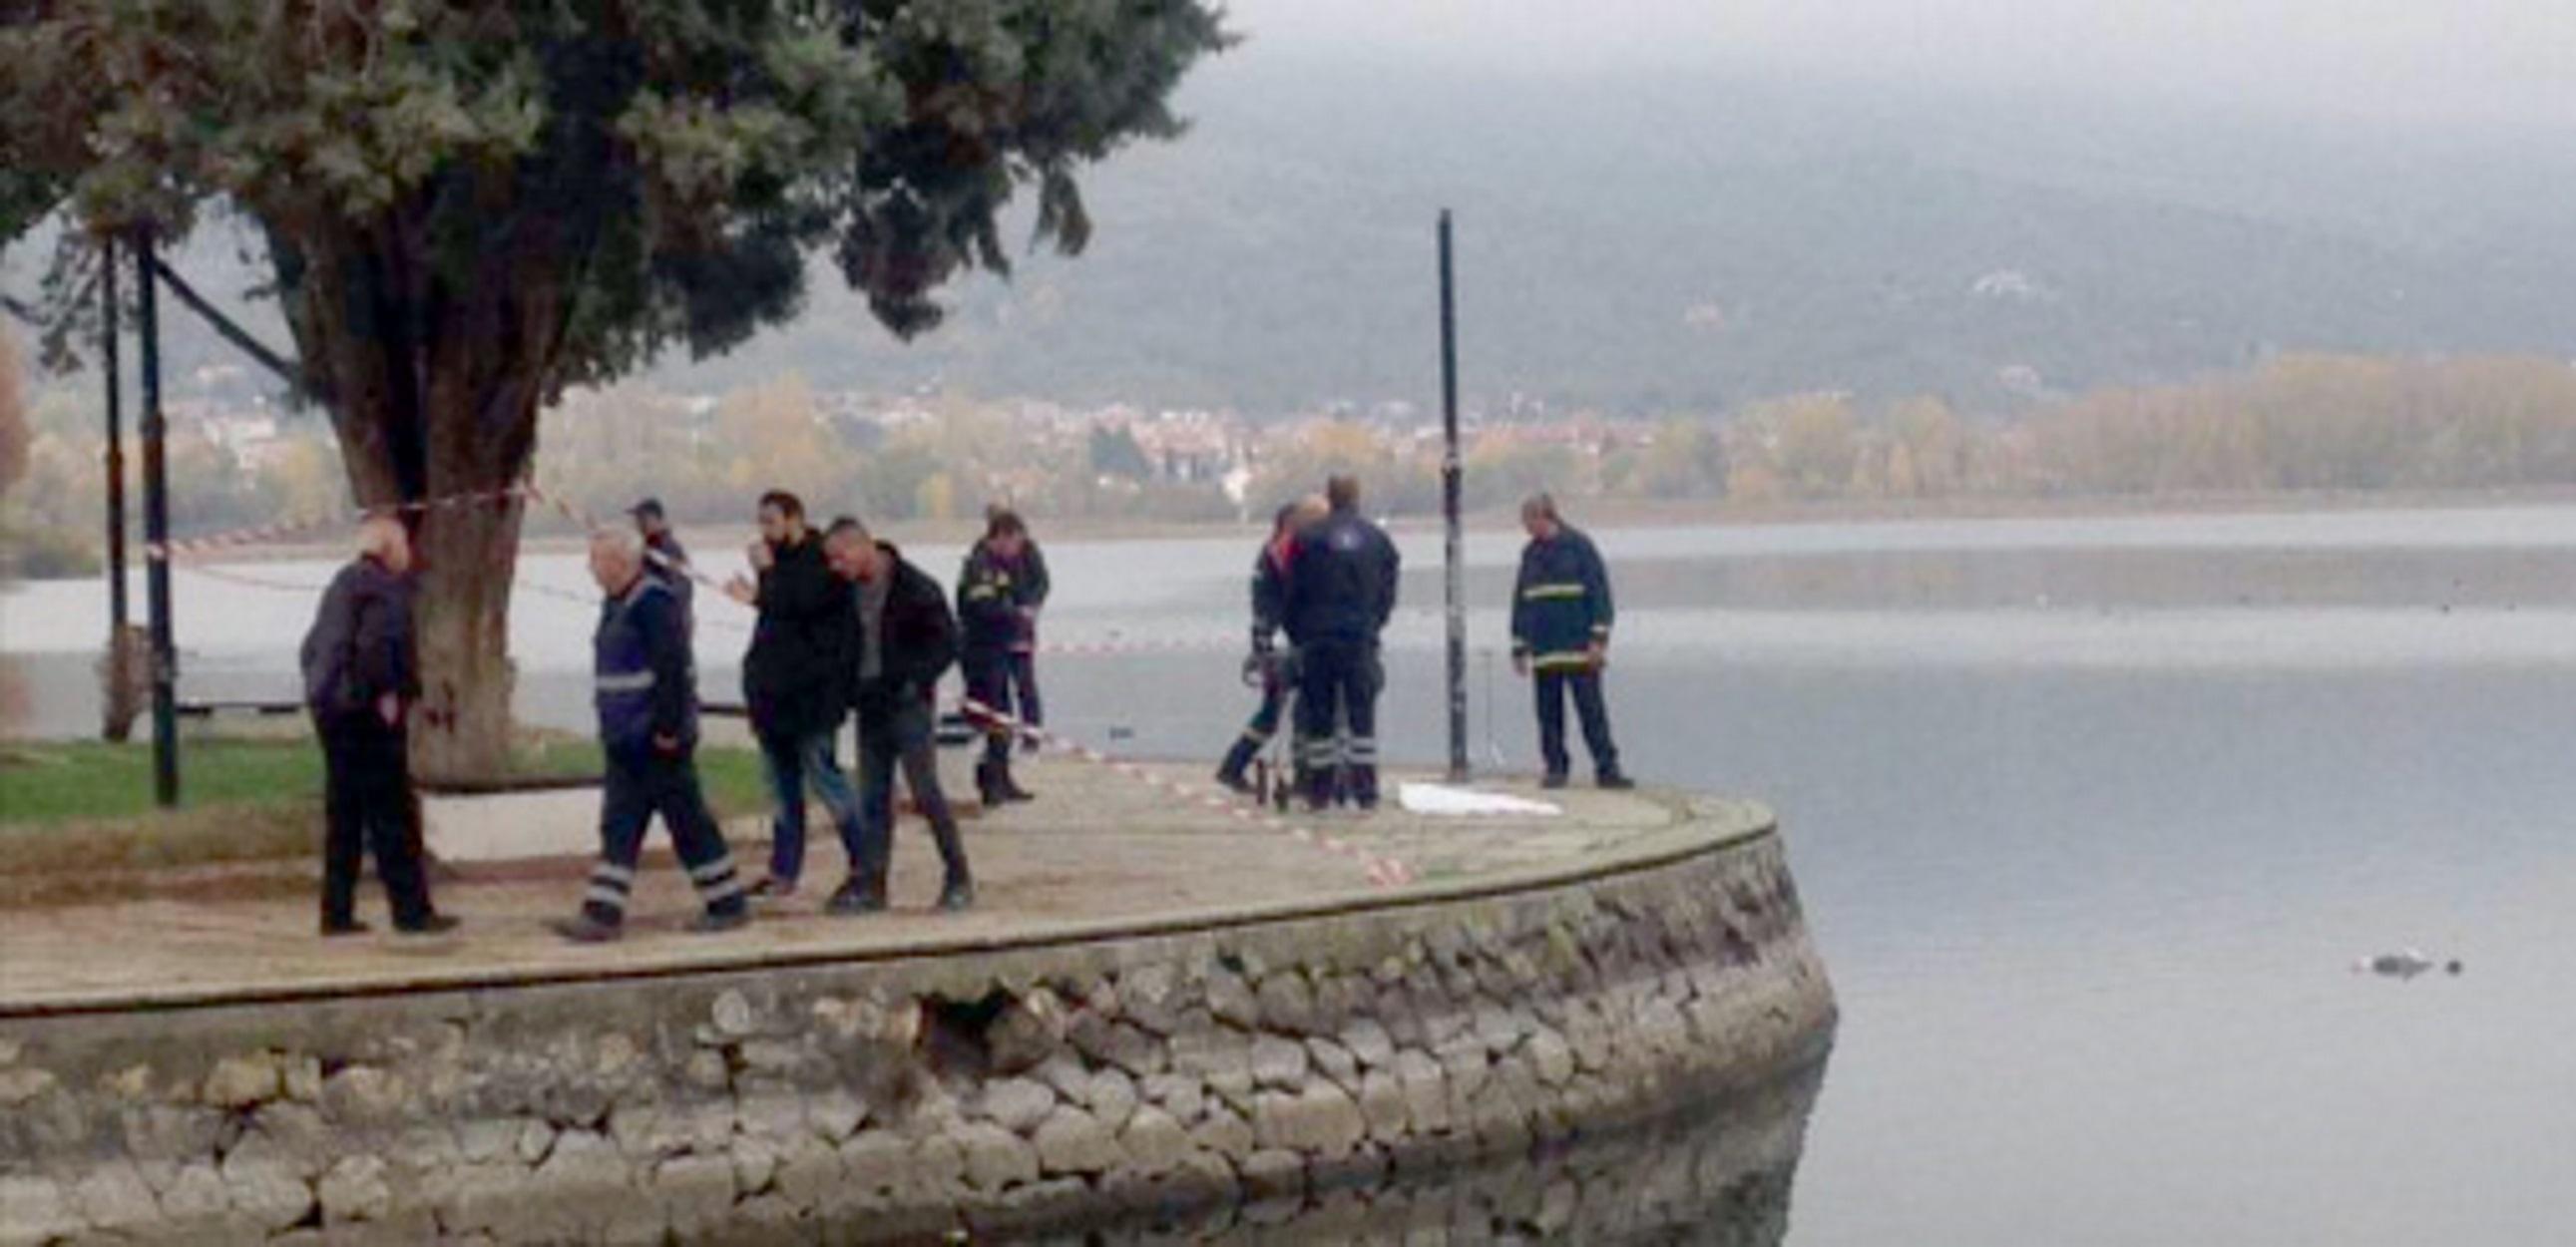 Θρίλερ στη λίμνη της Καστοριάς! Εντοπίστηκε να επιπλέει ένα πτώμα... [pics, video]